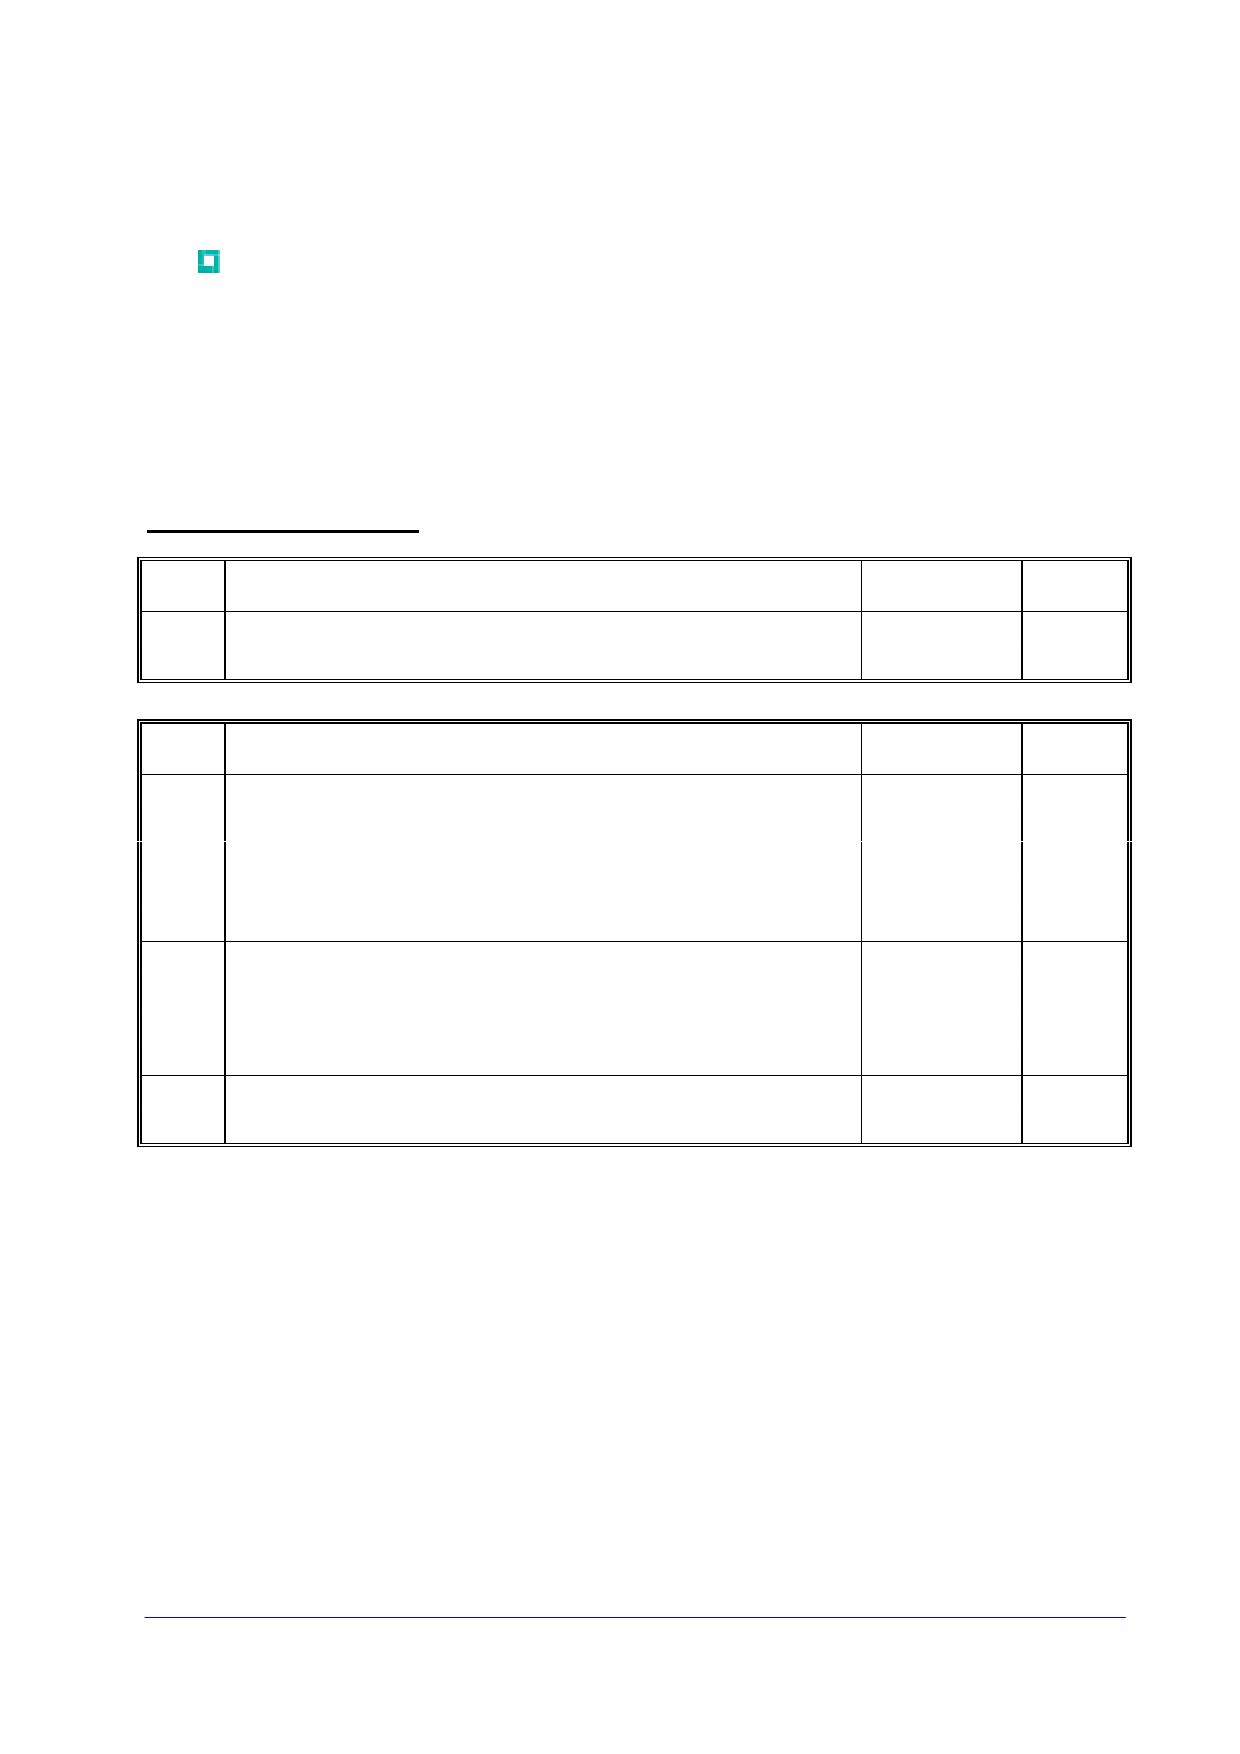 M0790YC240 دیتاشیت PDF